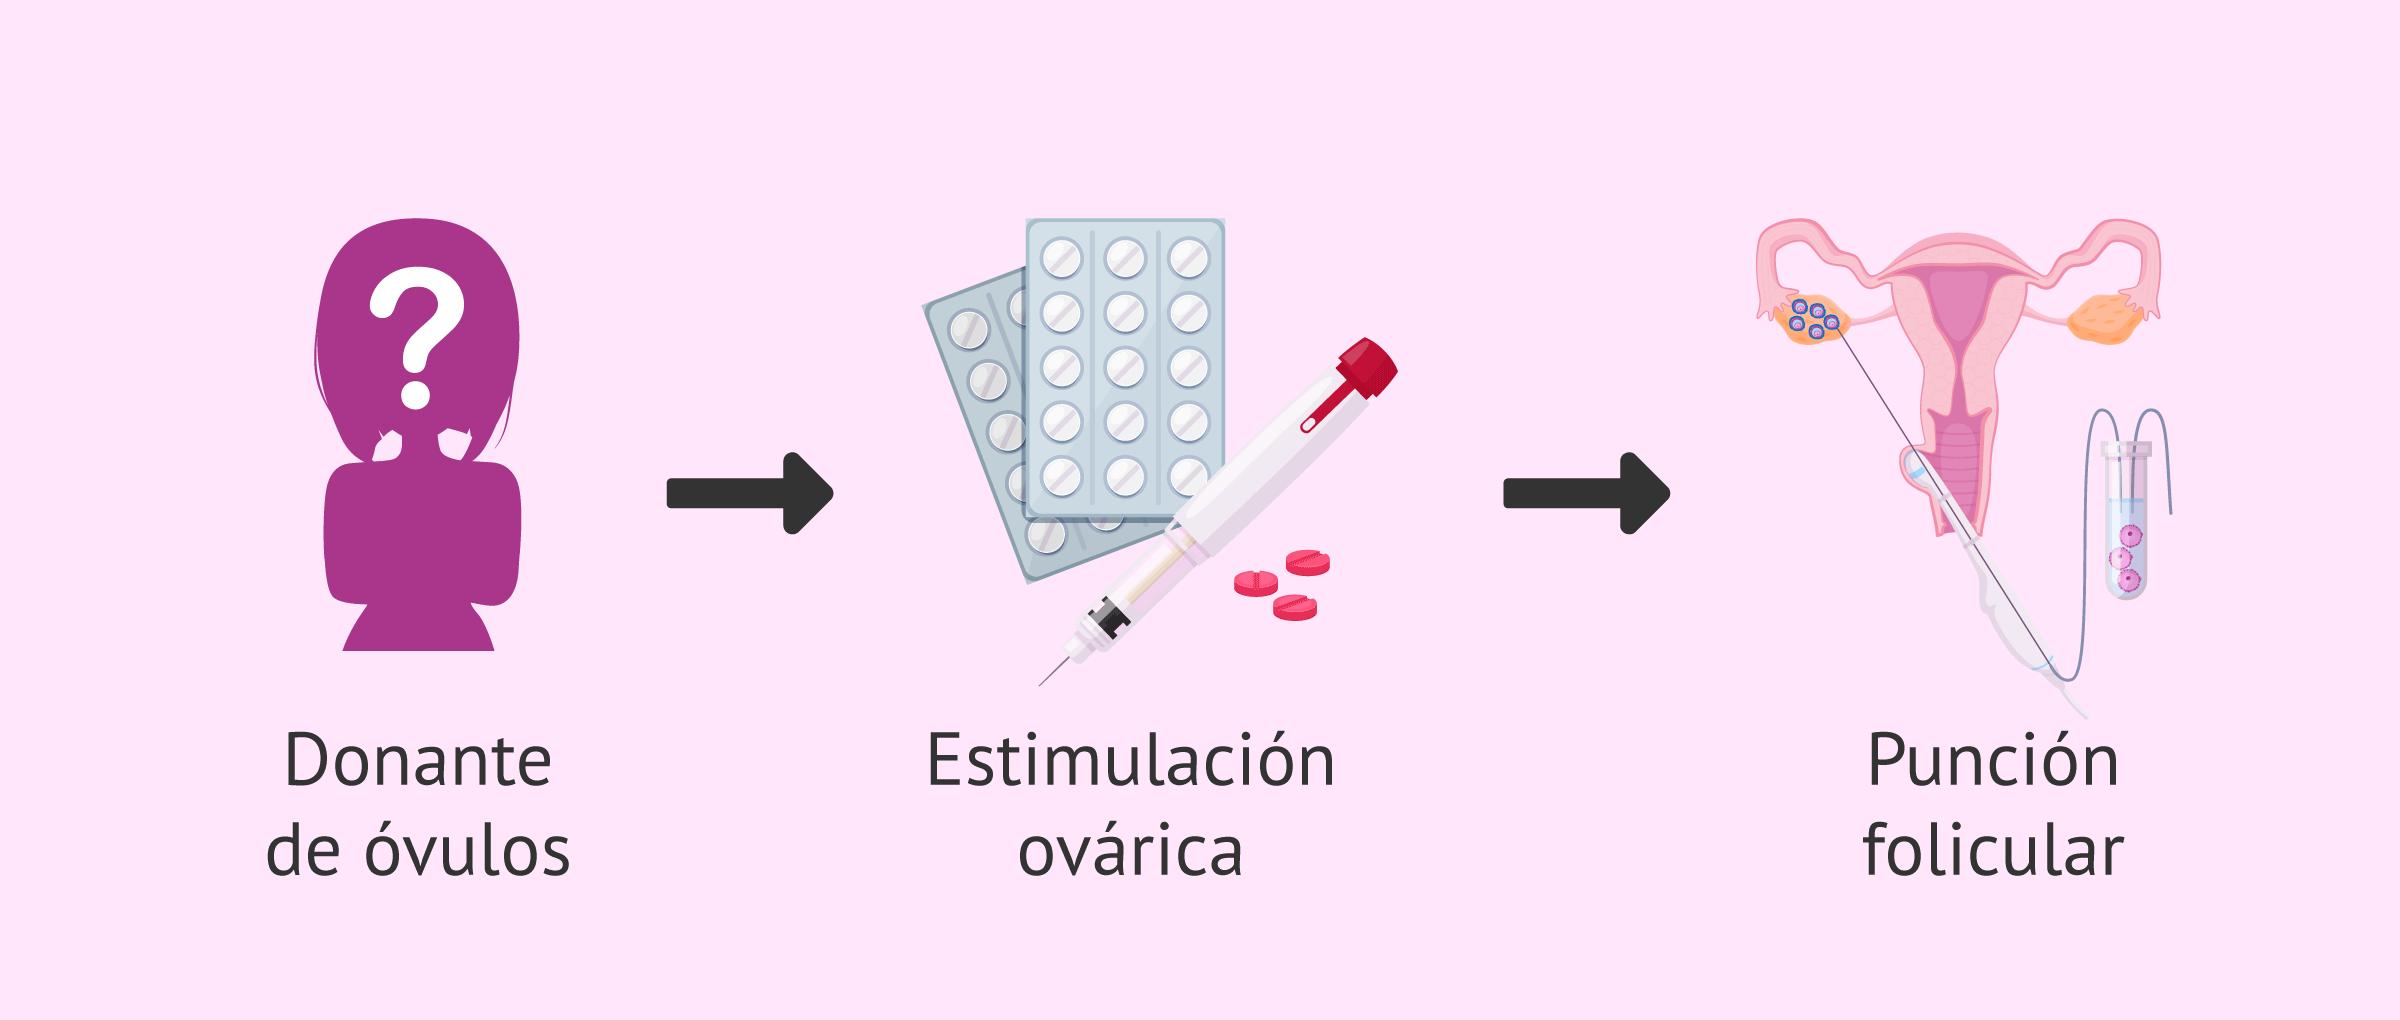 Pasos para la donante en el proceso de ovodonación